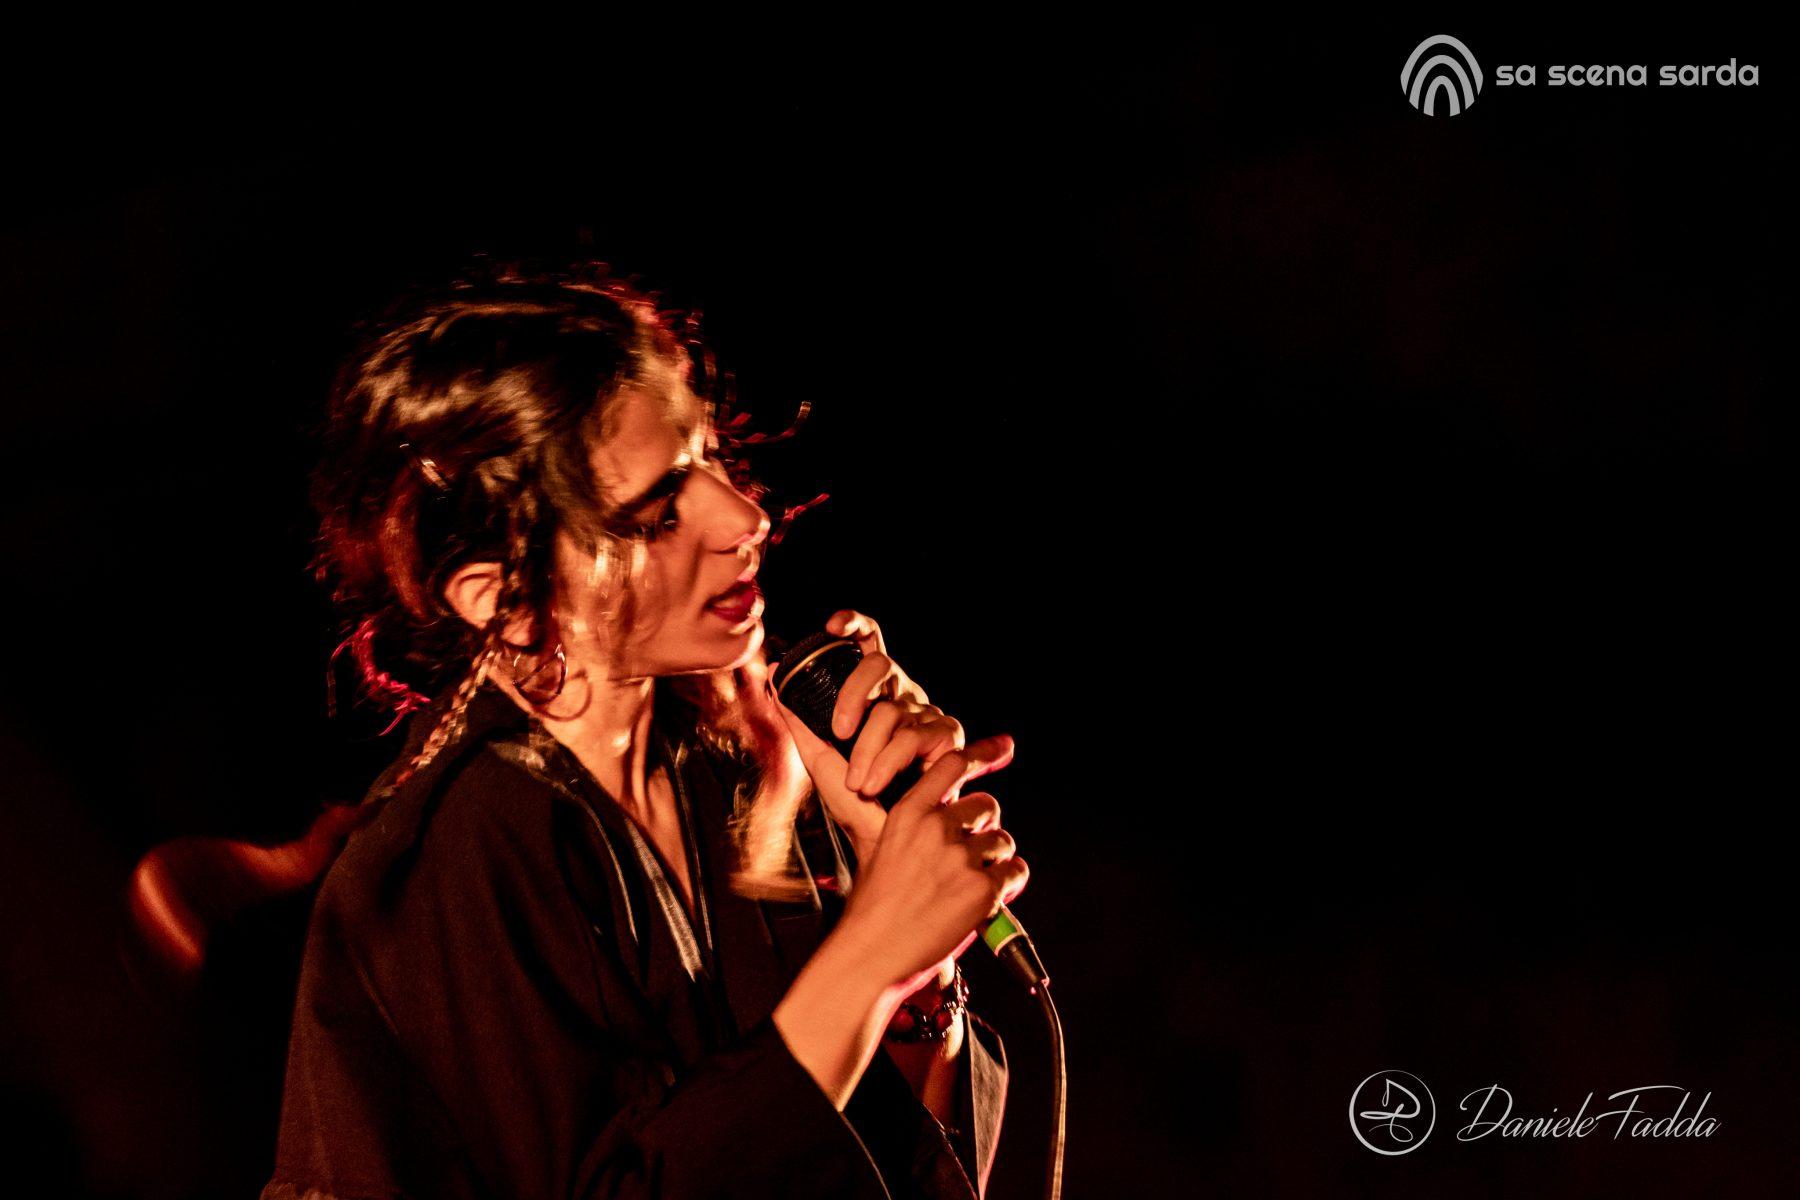 Isole che Parlano - Isole che Parlano di Musica - Dalila Kayros - Danilo Casti - Daniele Fadda - festival - Palau - 2020 - Sa Scena Sarda - 11 settembre 2020